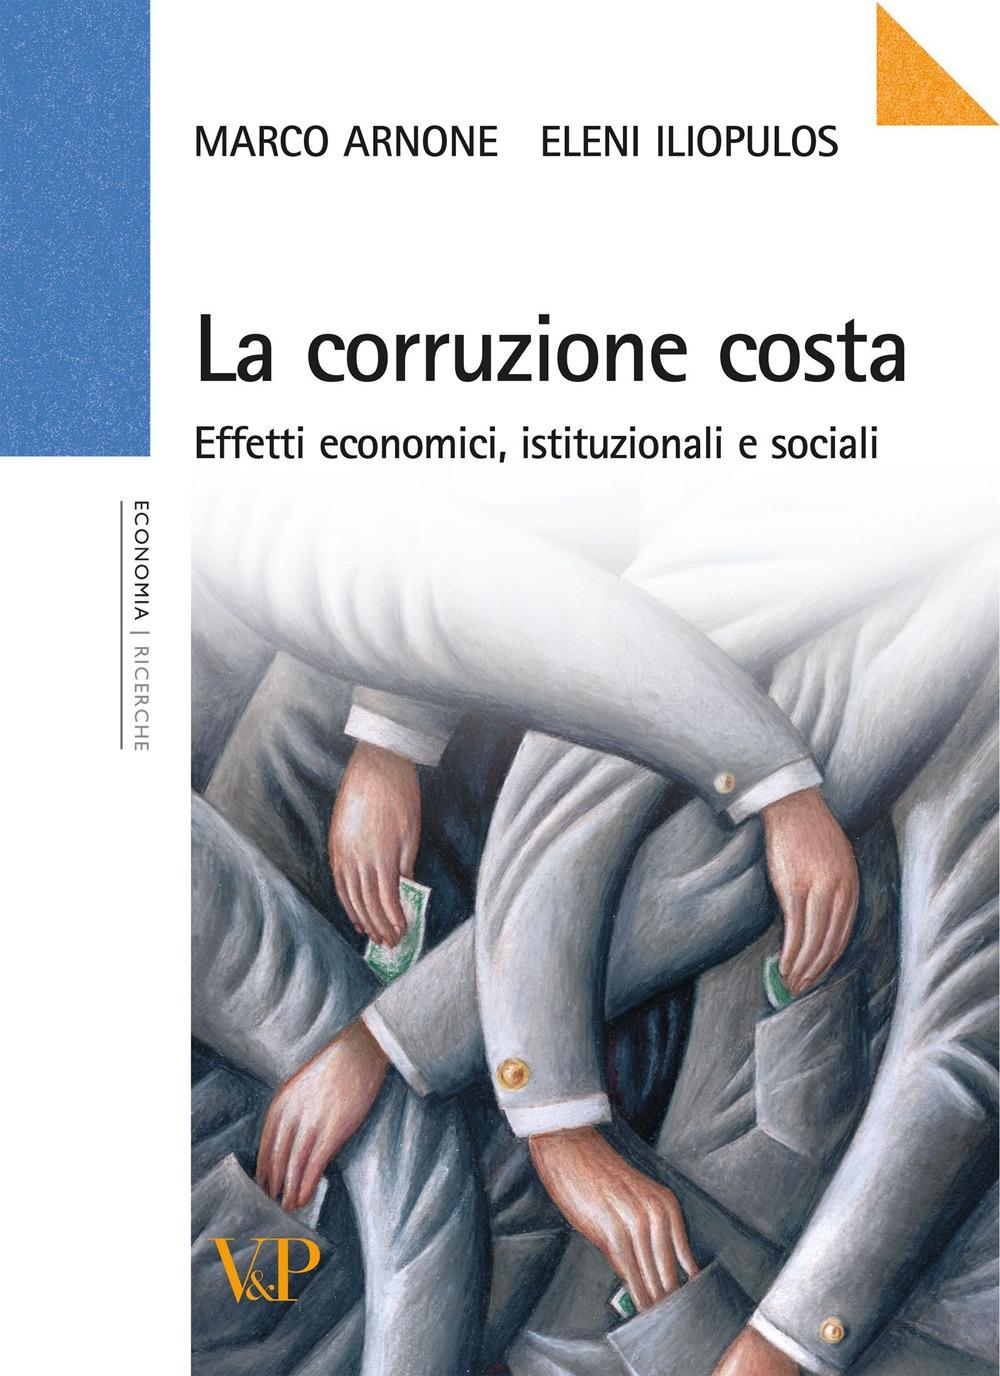 La corruzione costa. Effetti economici, istituzionali e sociali.